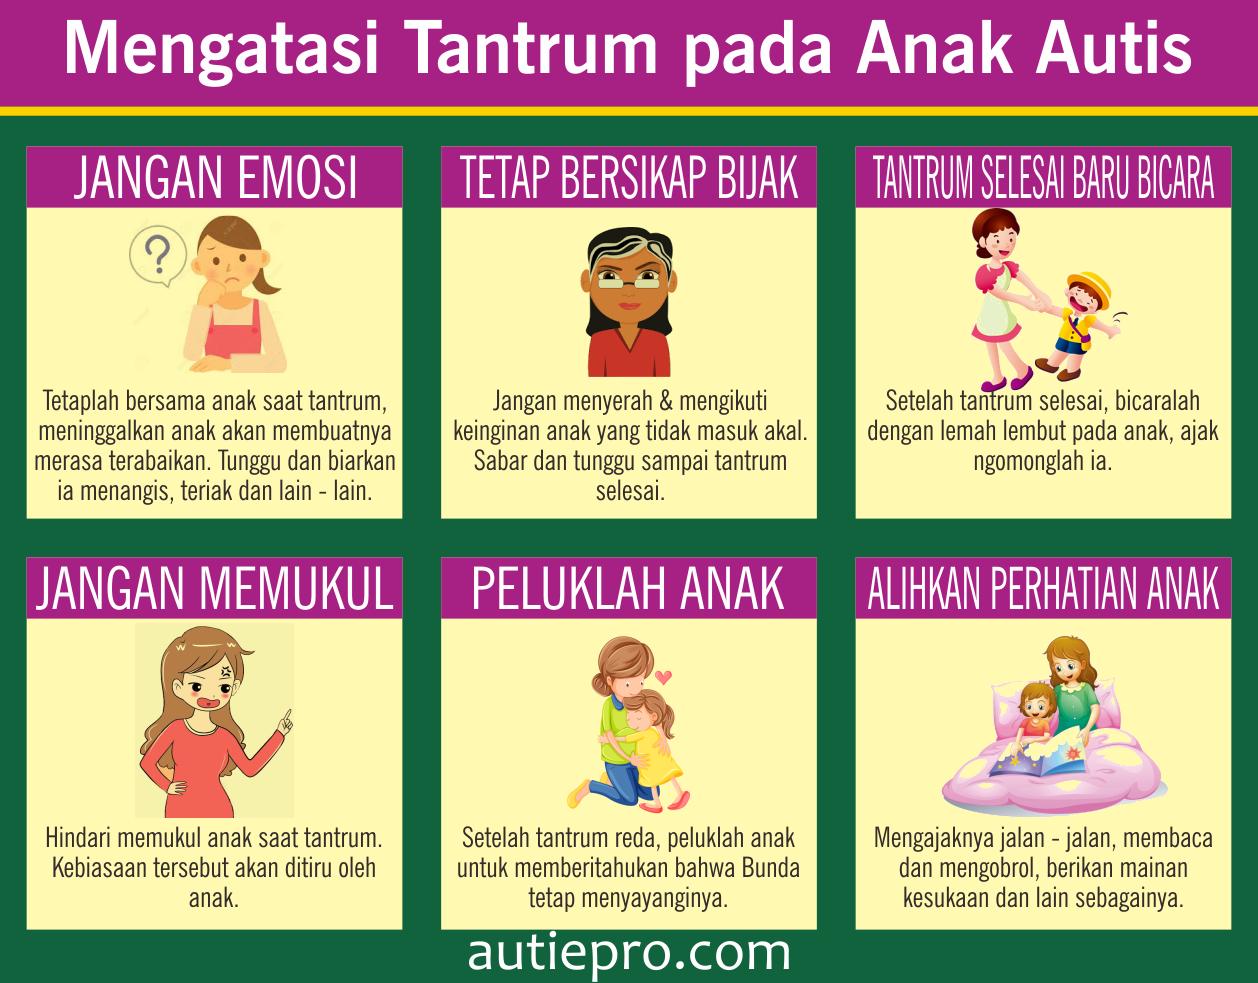 Mengatasi Tantrum pada Anak Autis